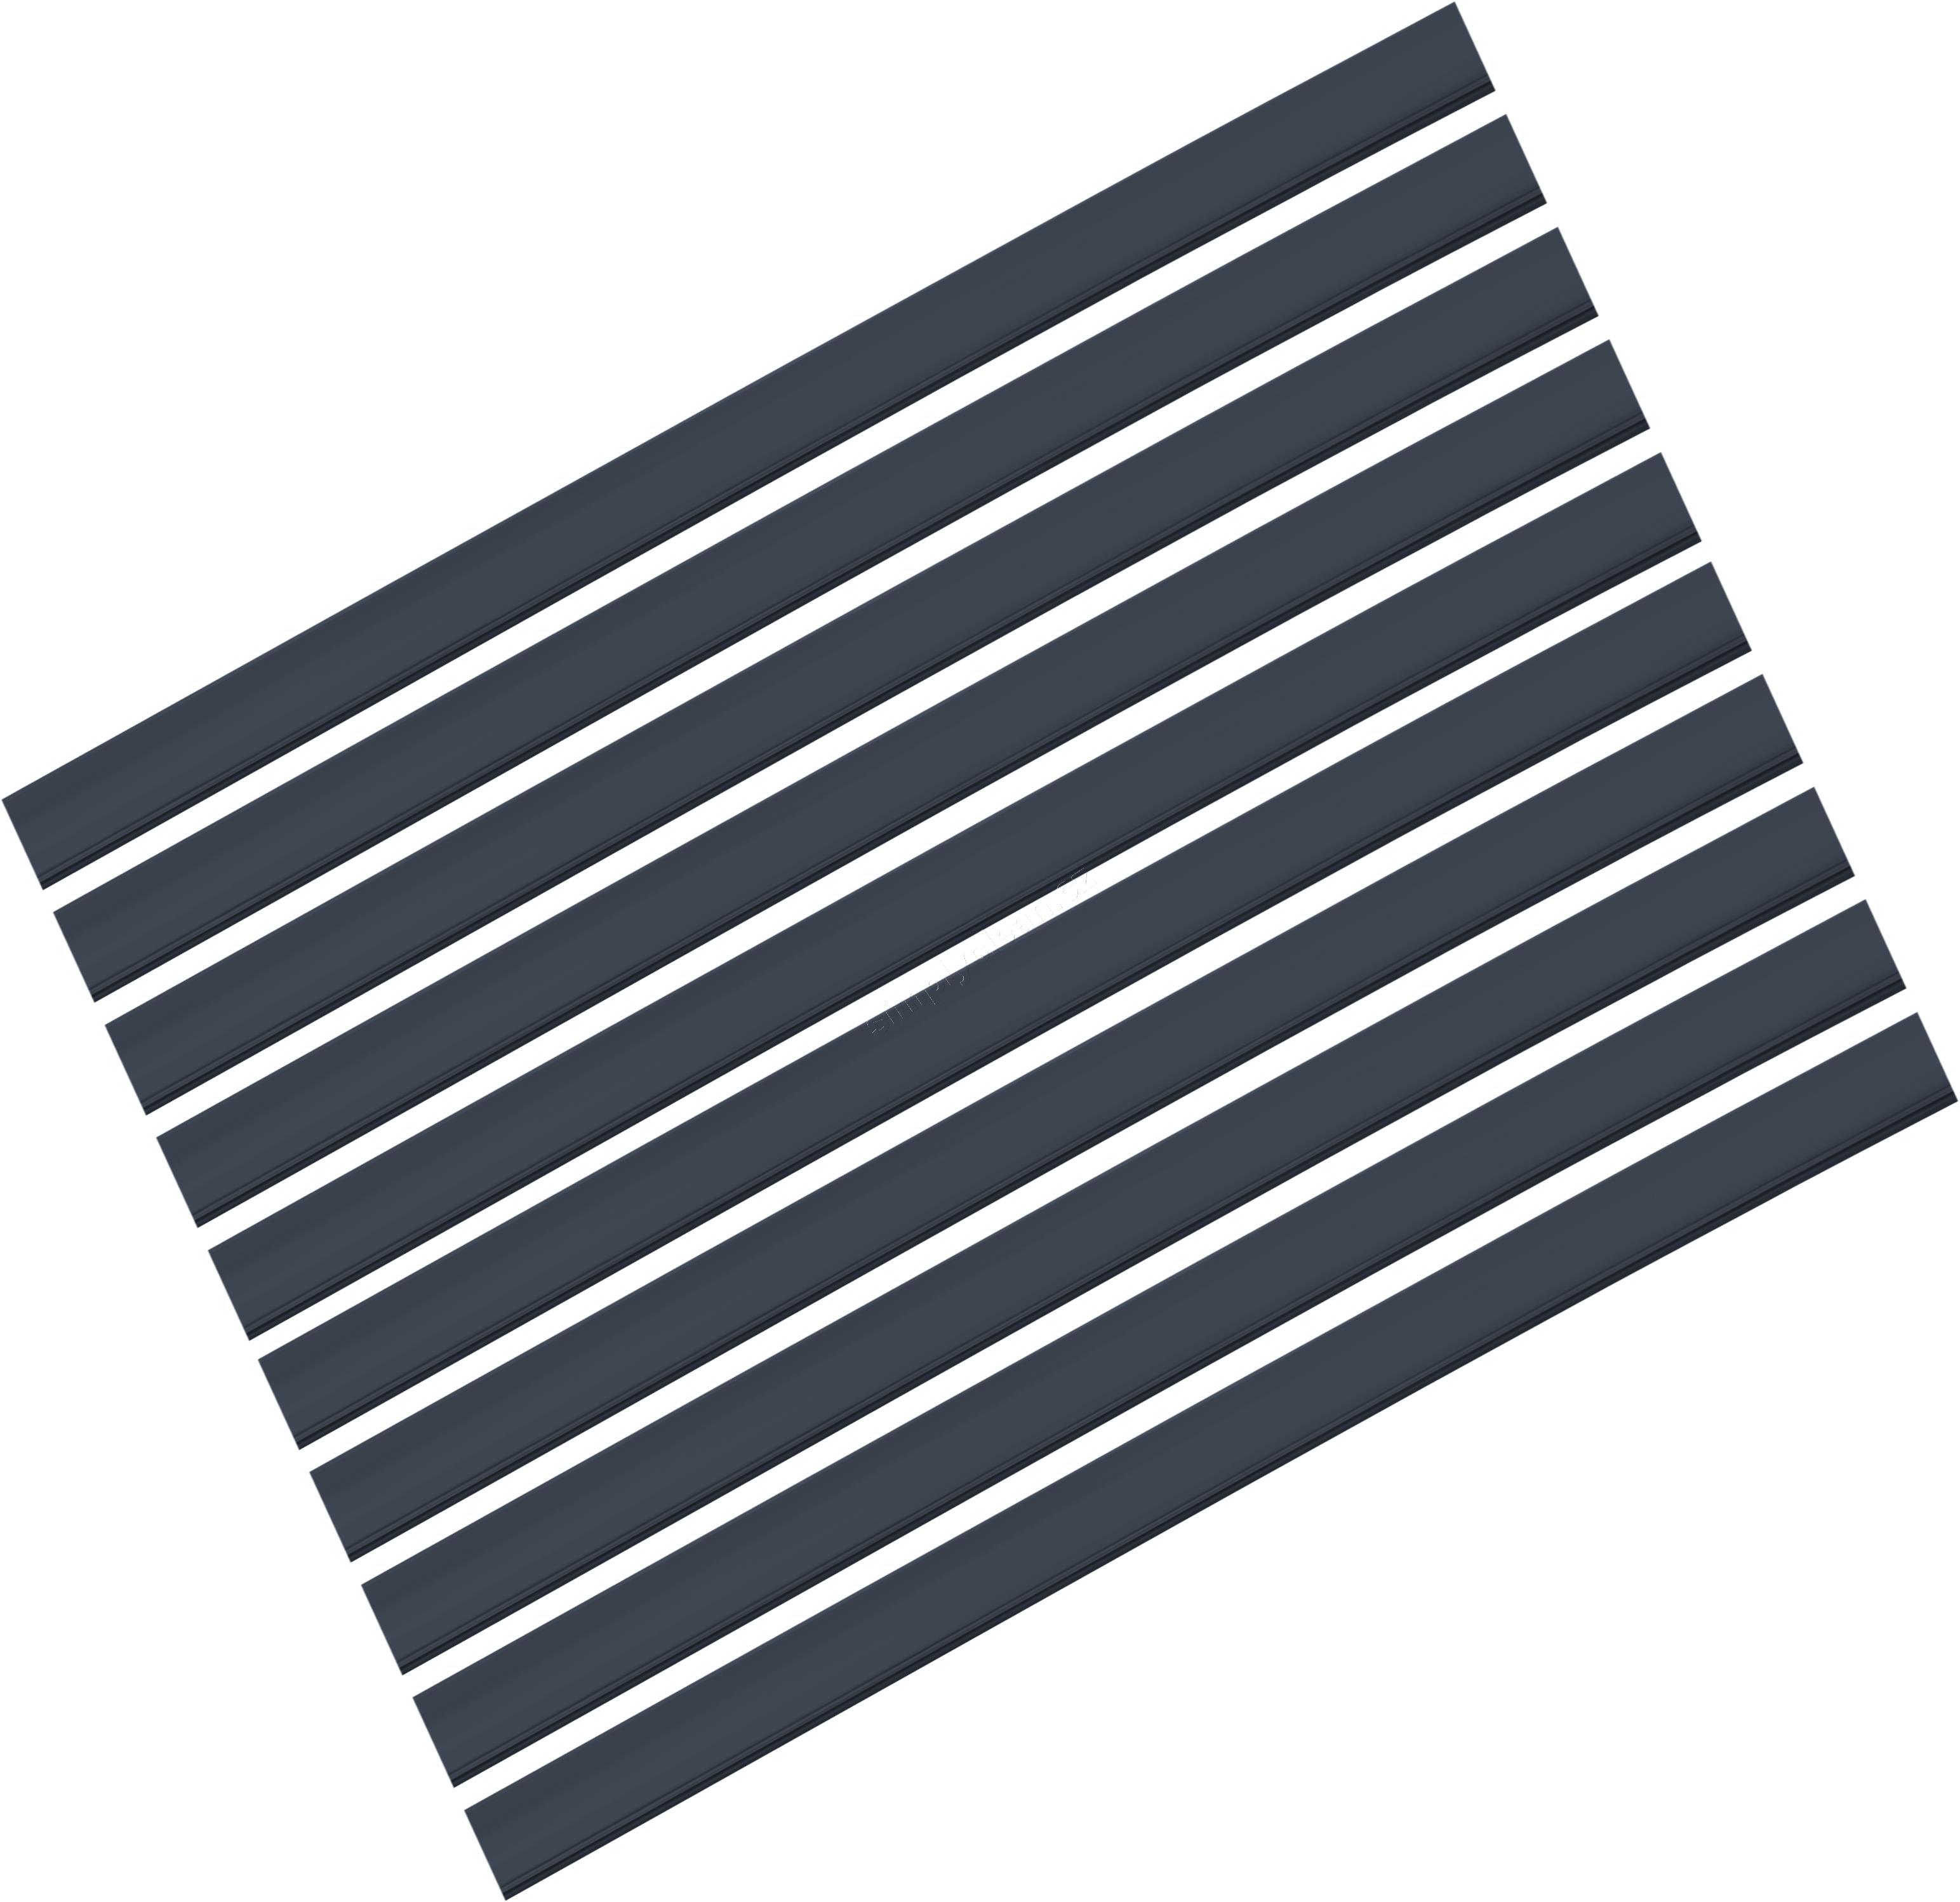 LEWI Guma náhr. pro okenní stěrku SOFT 45cm, 11024